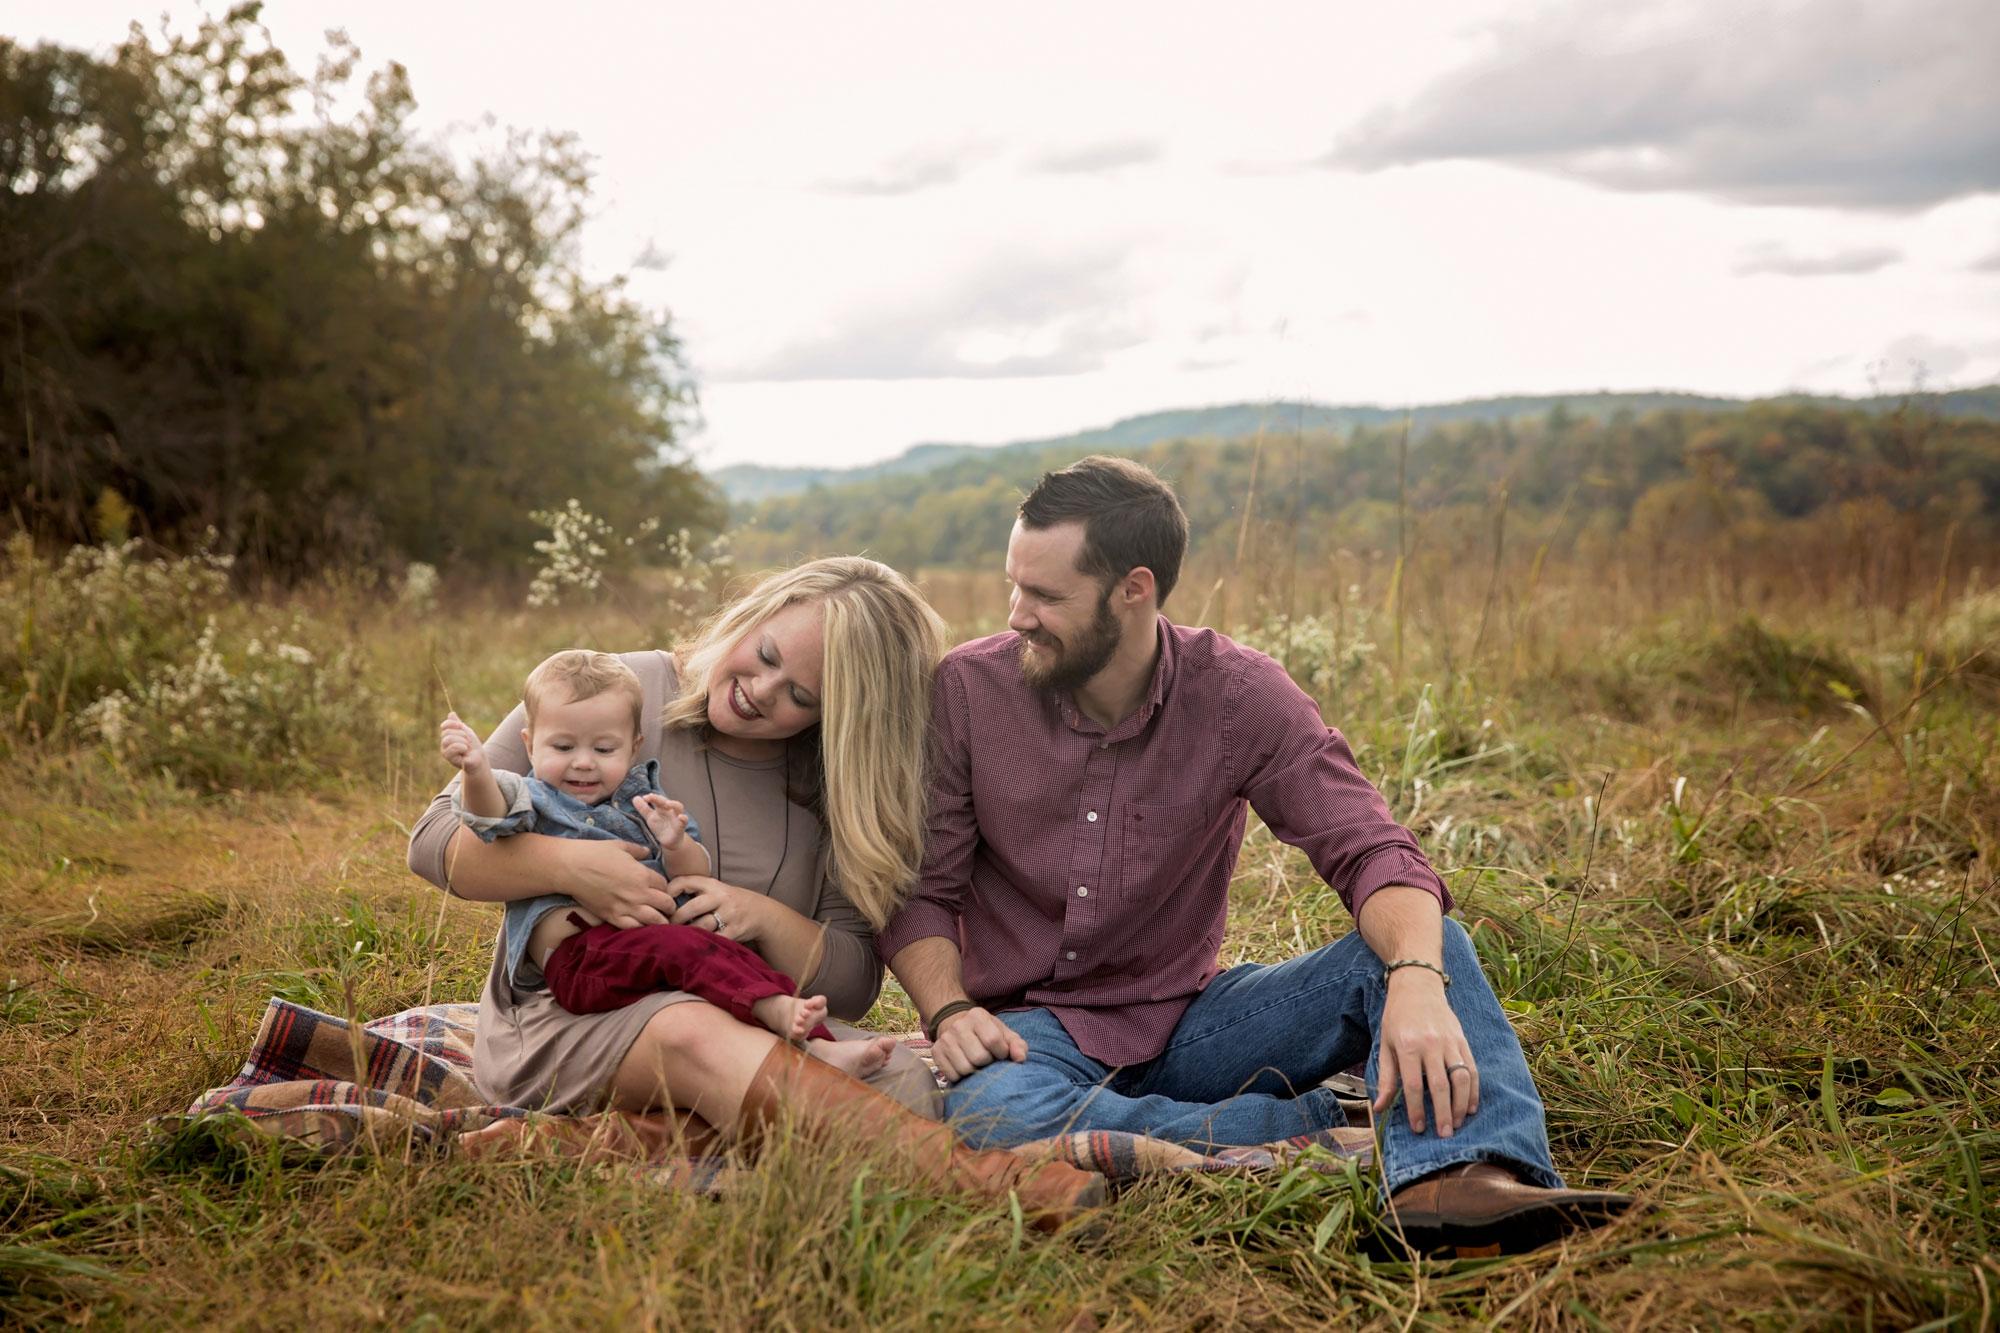 gatlinburg-photographer-family-smiling-in-grass.jpg